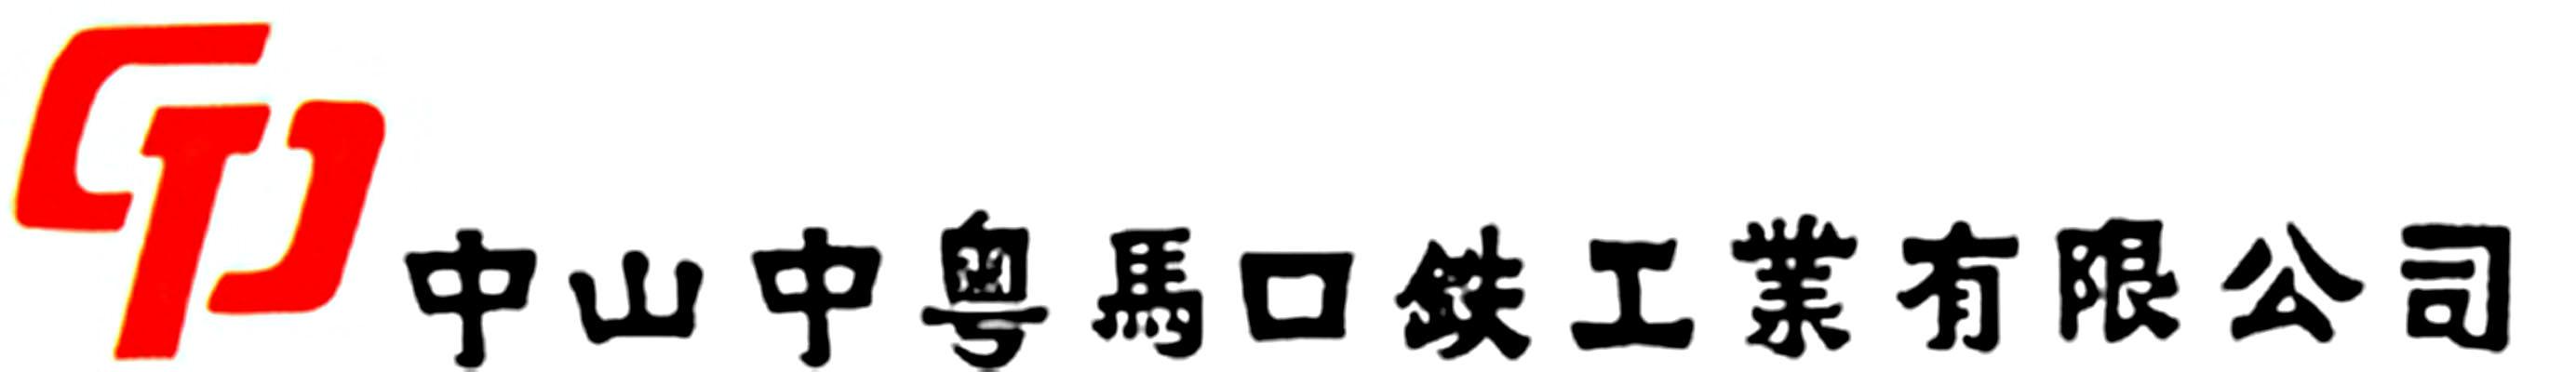 中山中粤马口铁工业有限公司